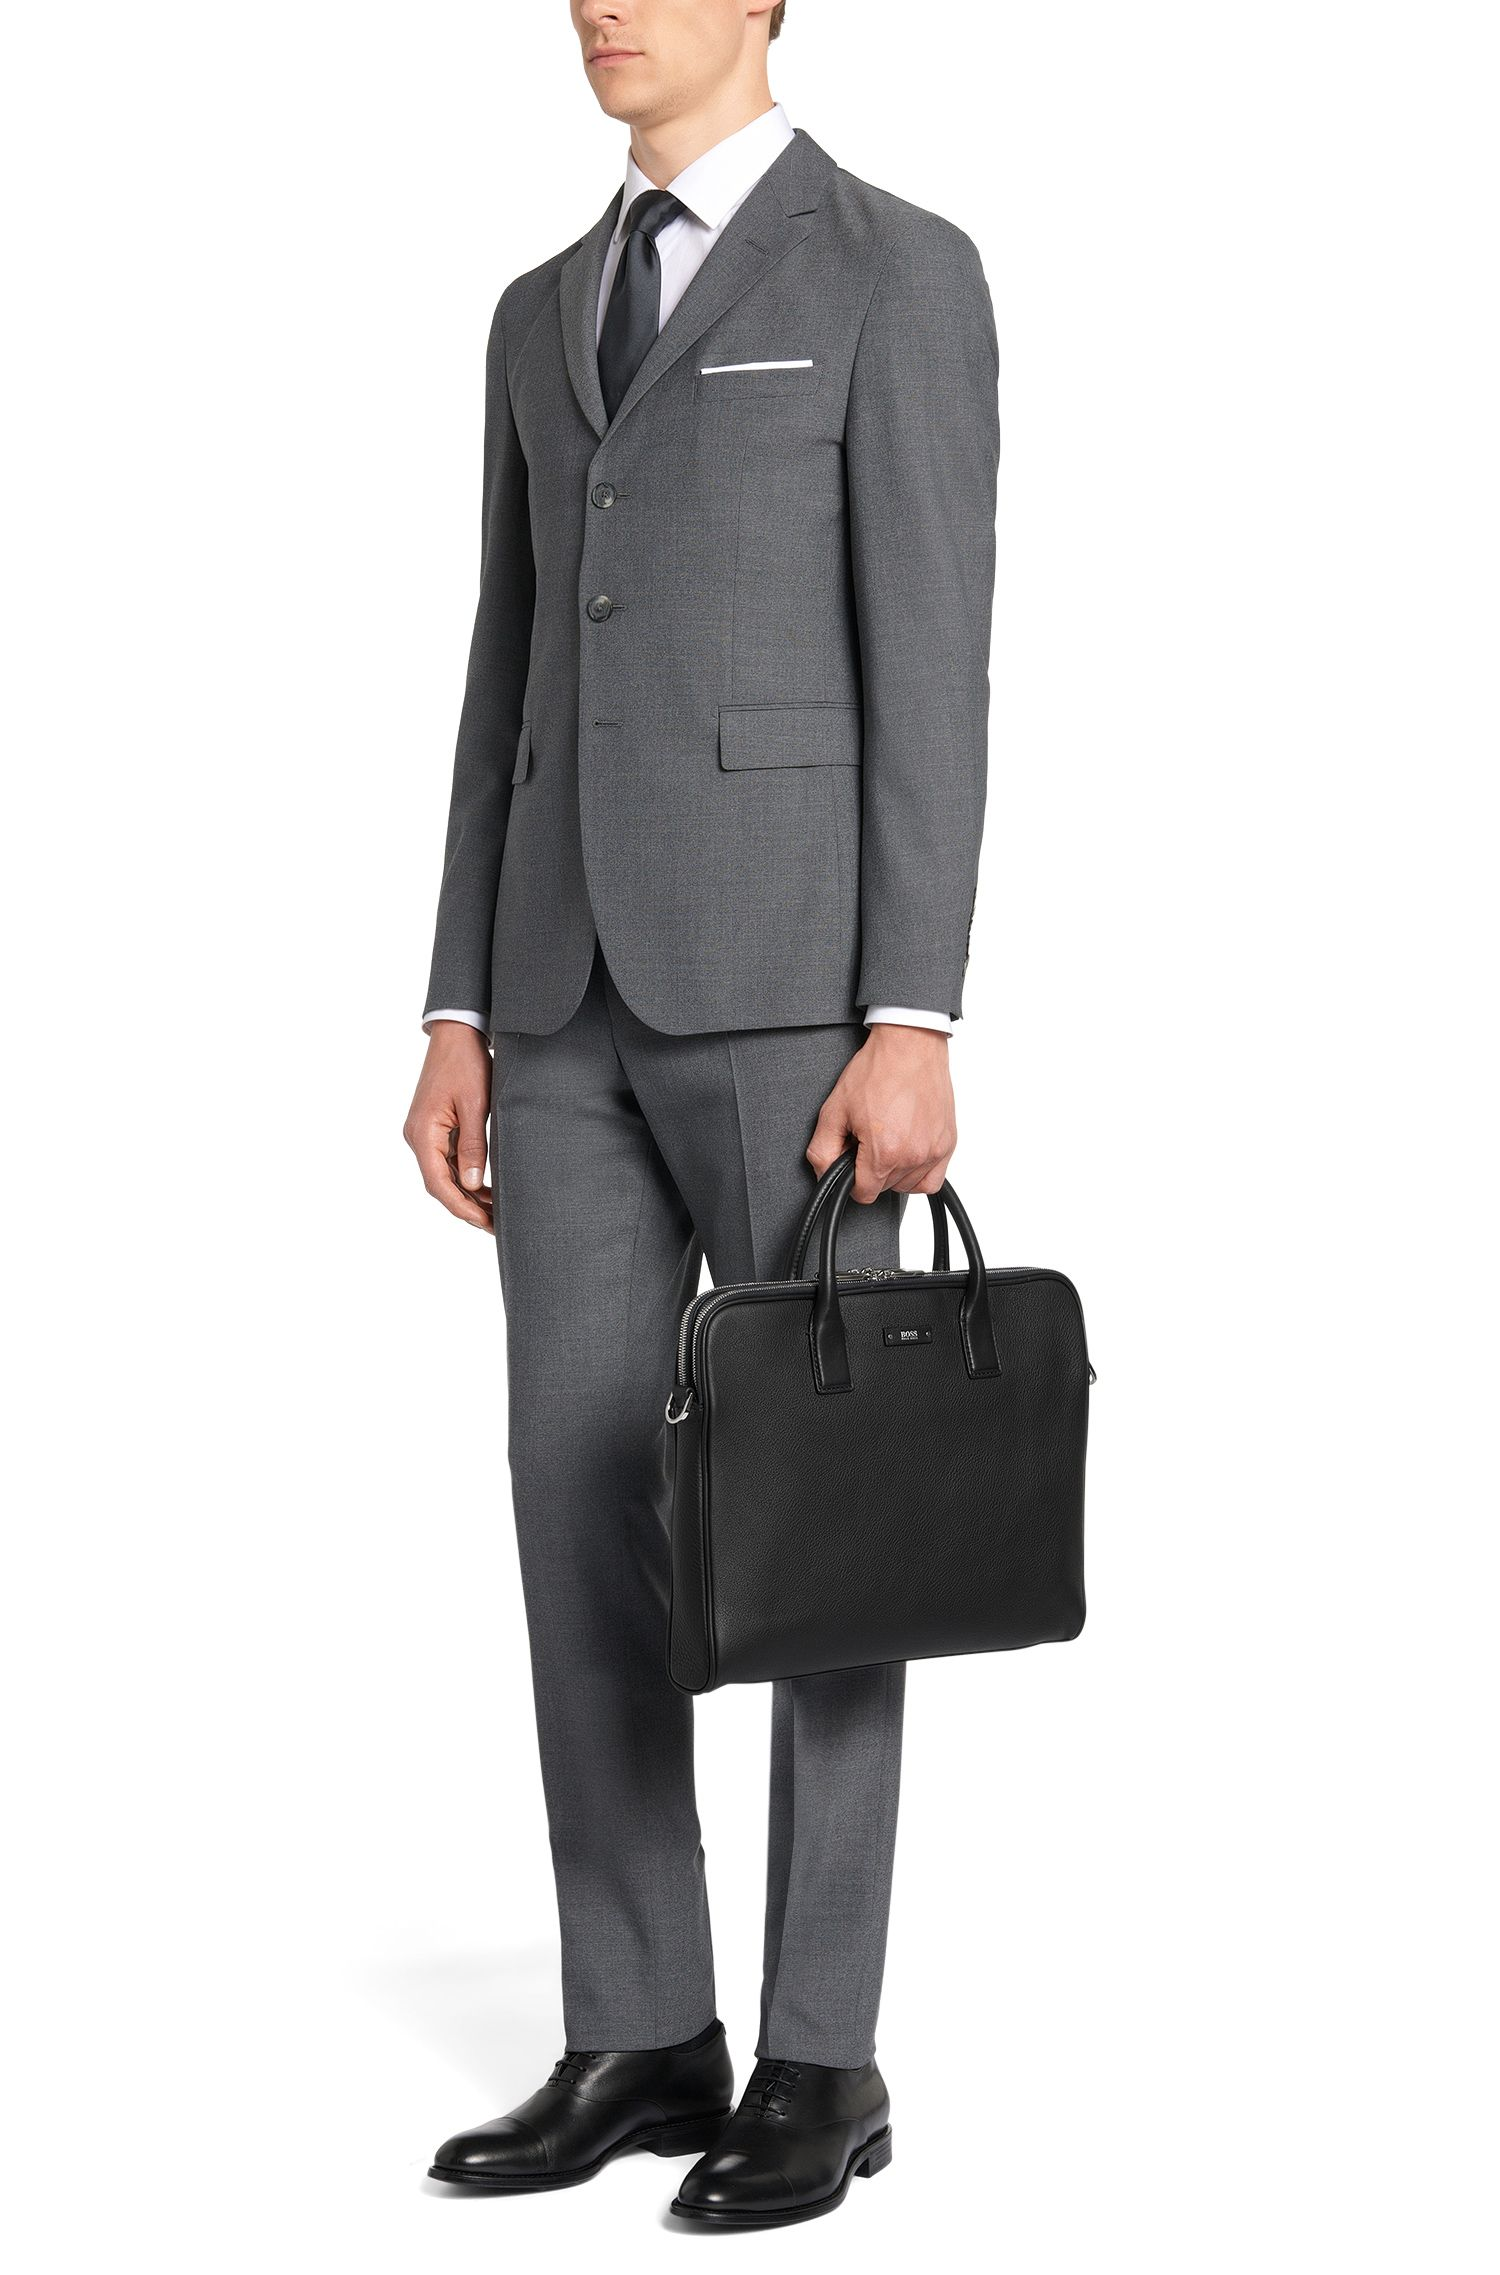 Leather Workbag | Traveller D Z Comp